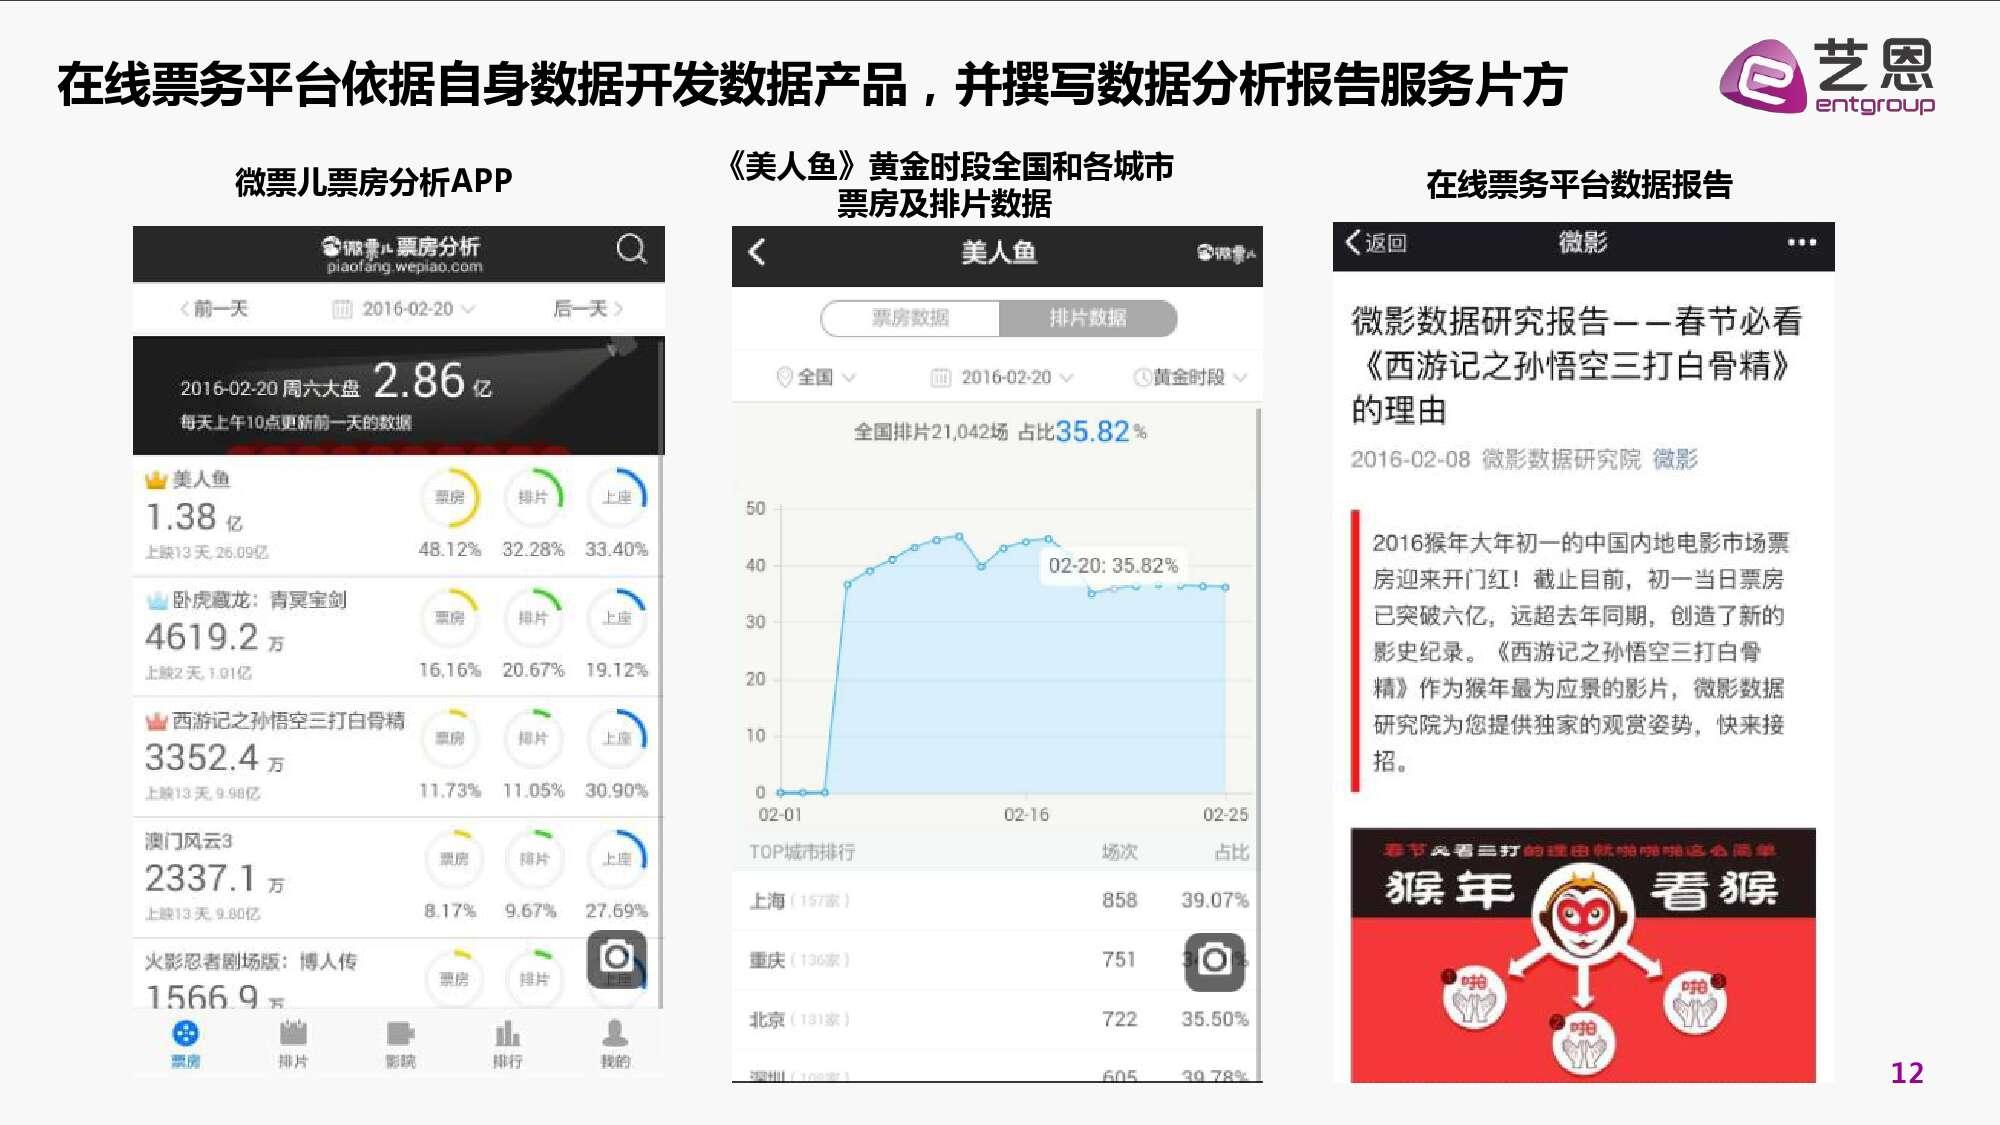 2016年中国电影在线票务市场研究报告_000012